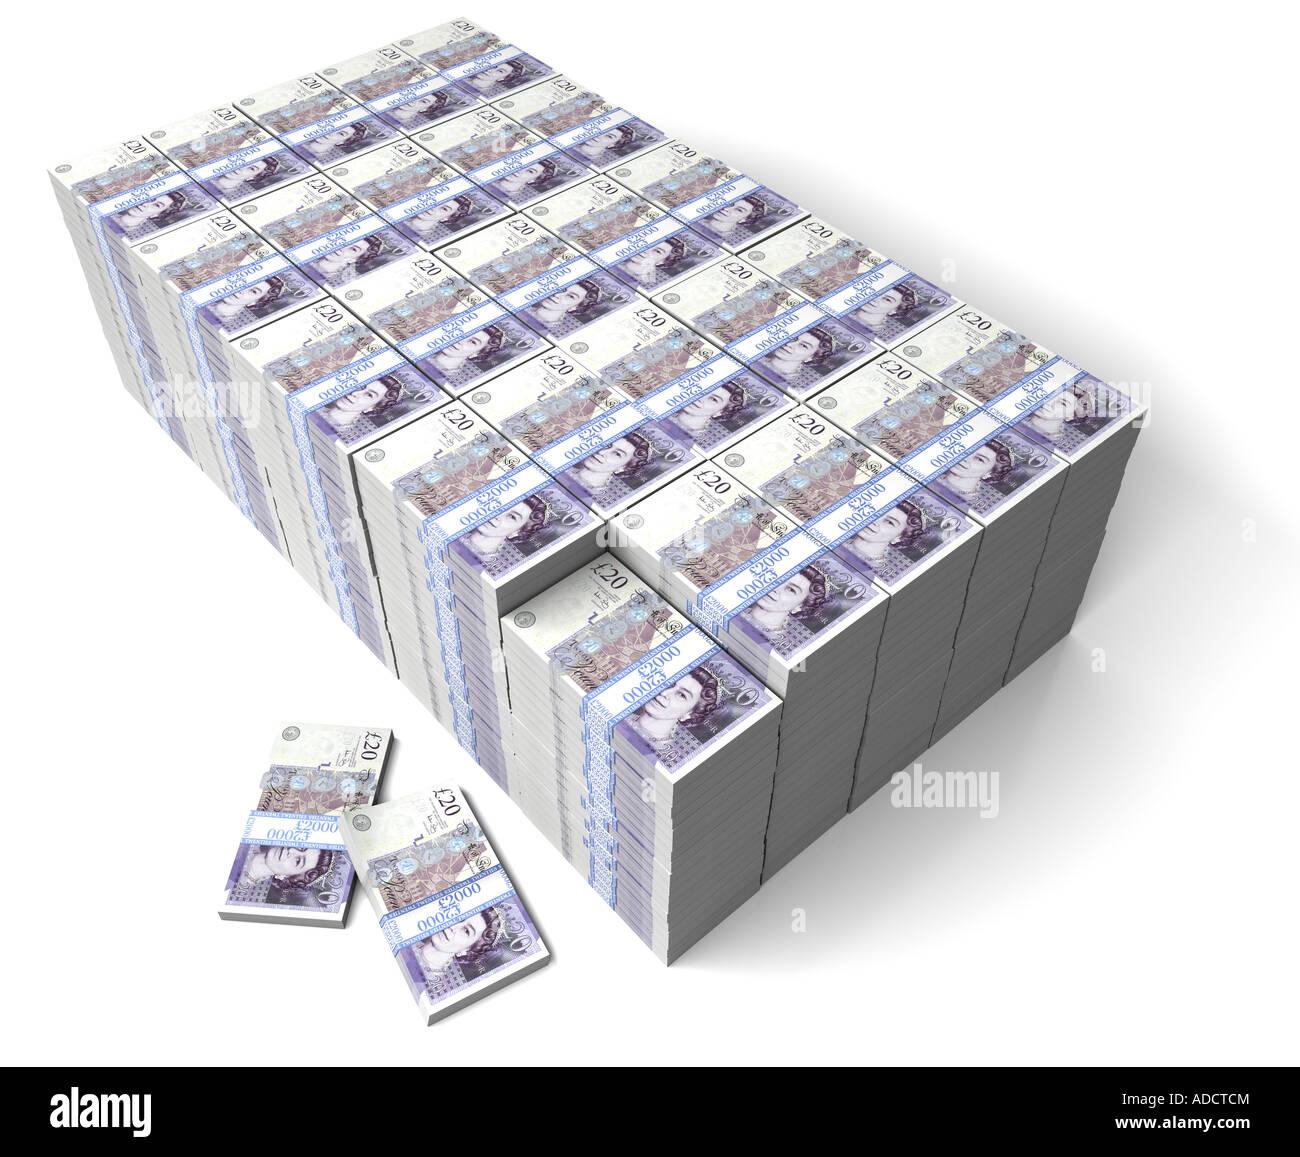 Eine Million Pfund. Banknoten auf einem weißen Hintergrund gestapelt. Reichtum. Geld. Stockbild